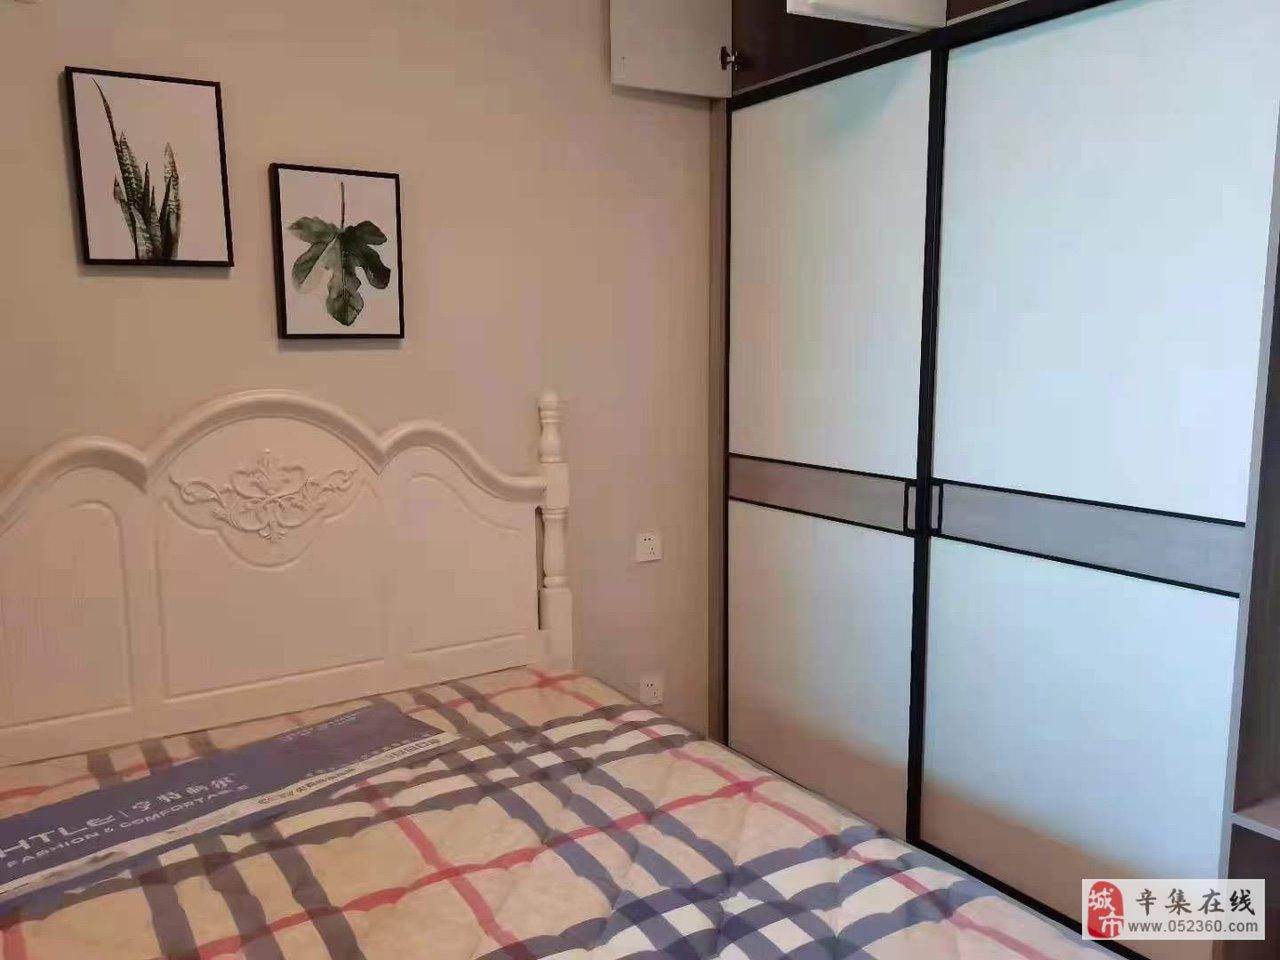 清河湾2室 2厅 1卫66万元便宜出售